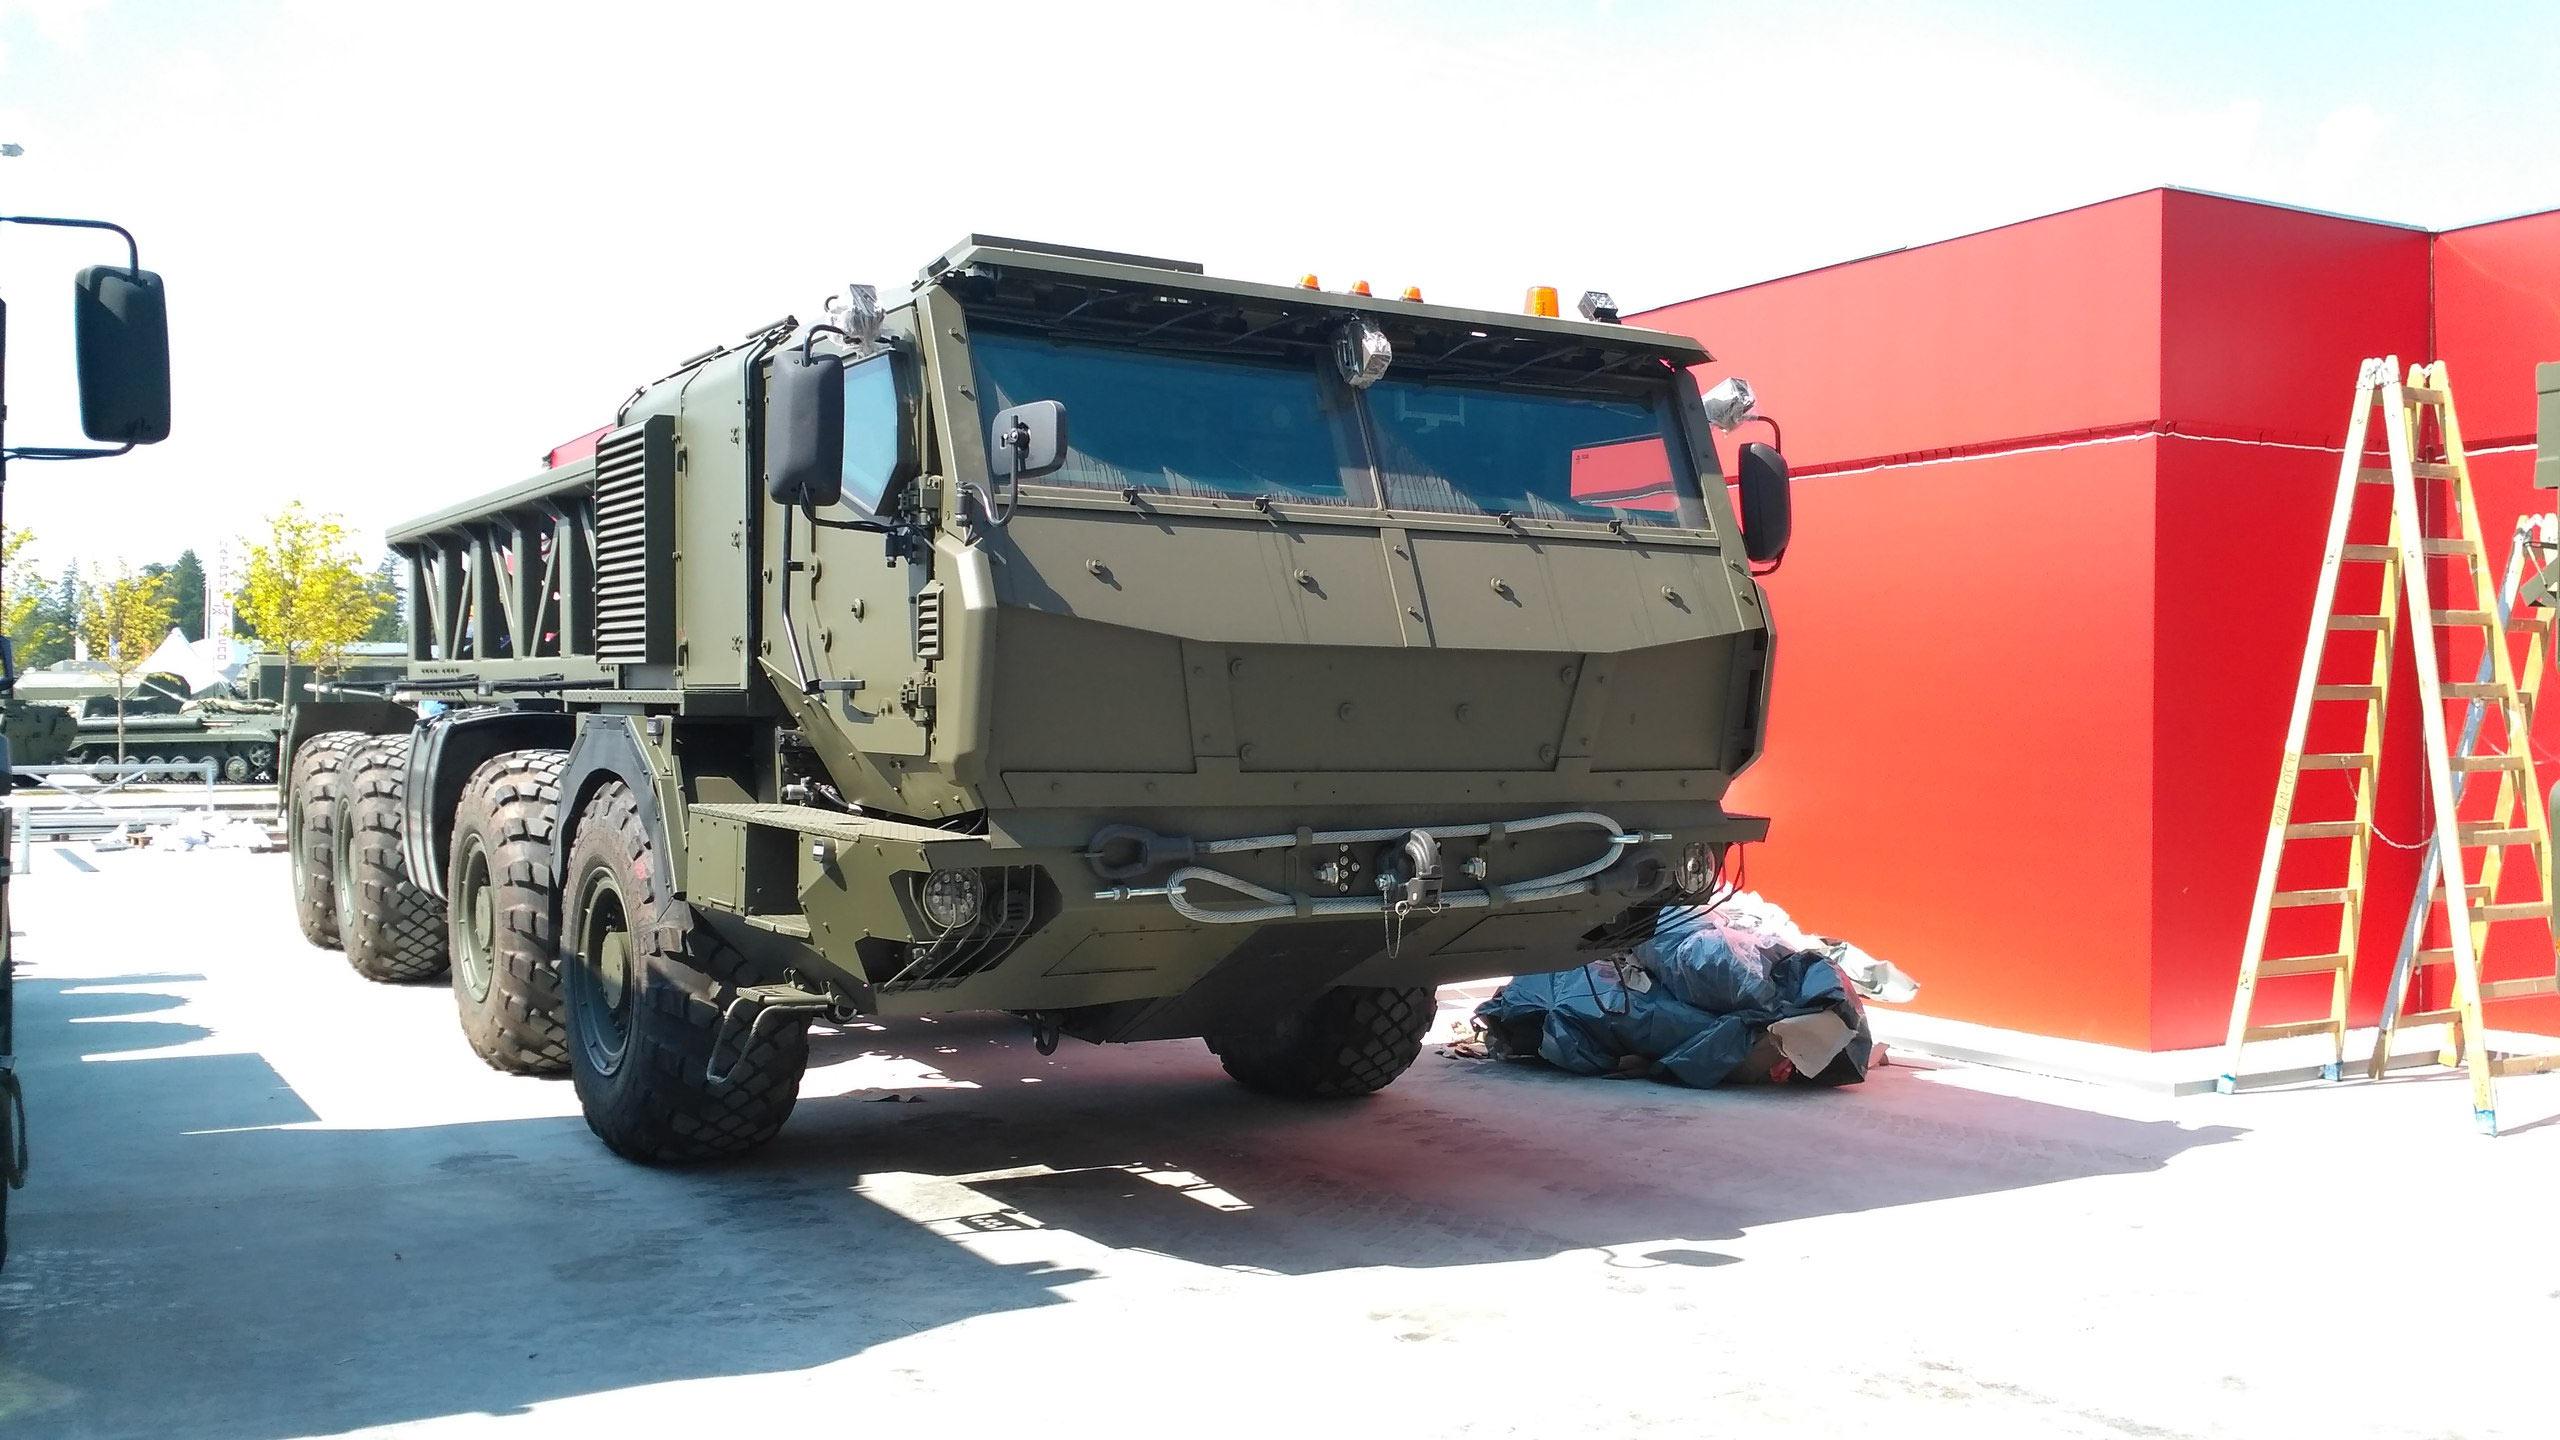 https://trucksplanet.com/photo/kamaz/k-73501/k-73501_26982.jpg